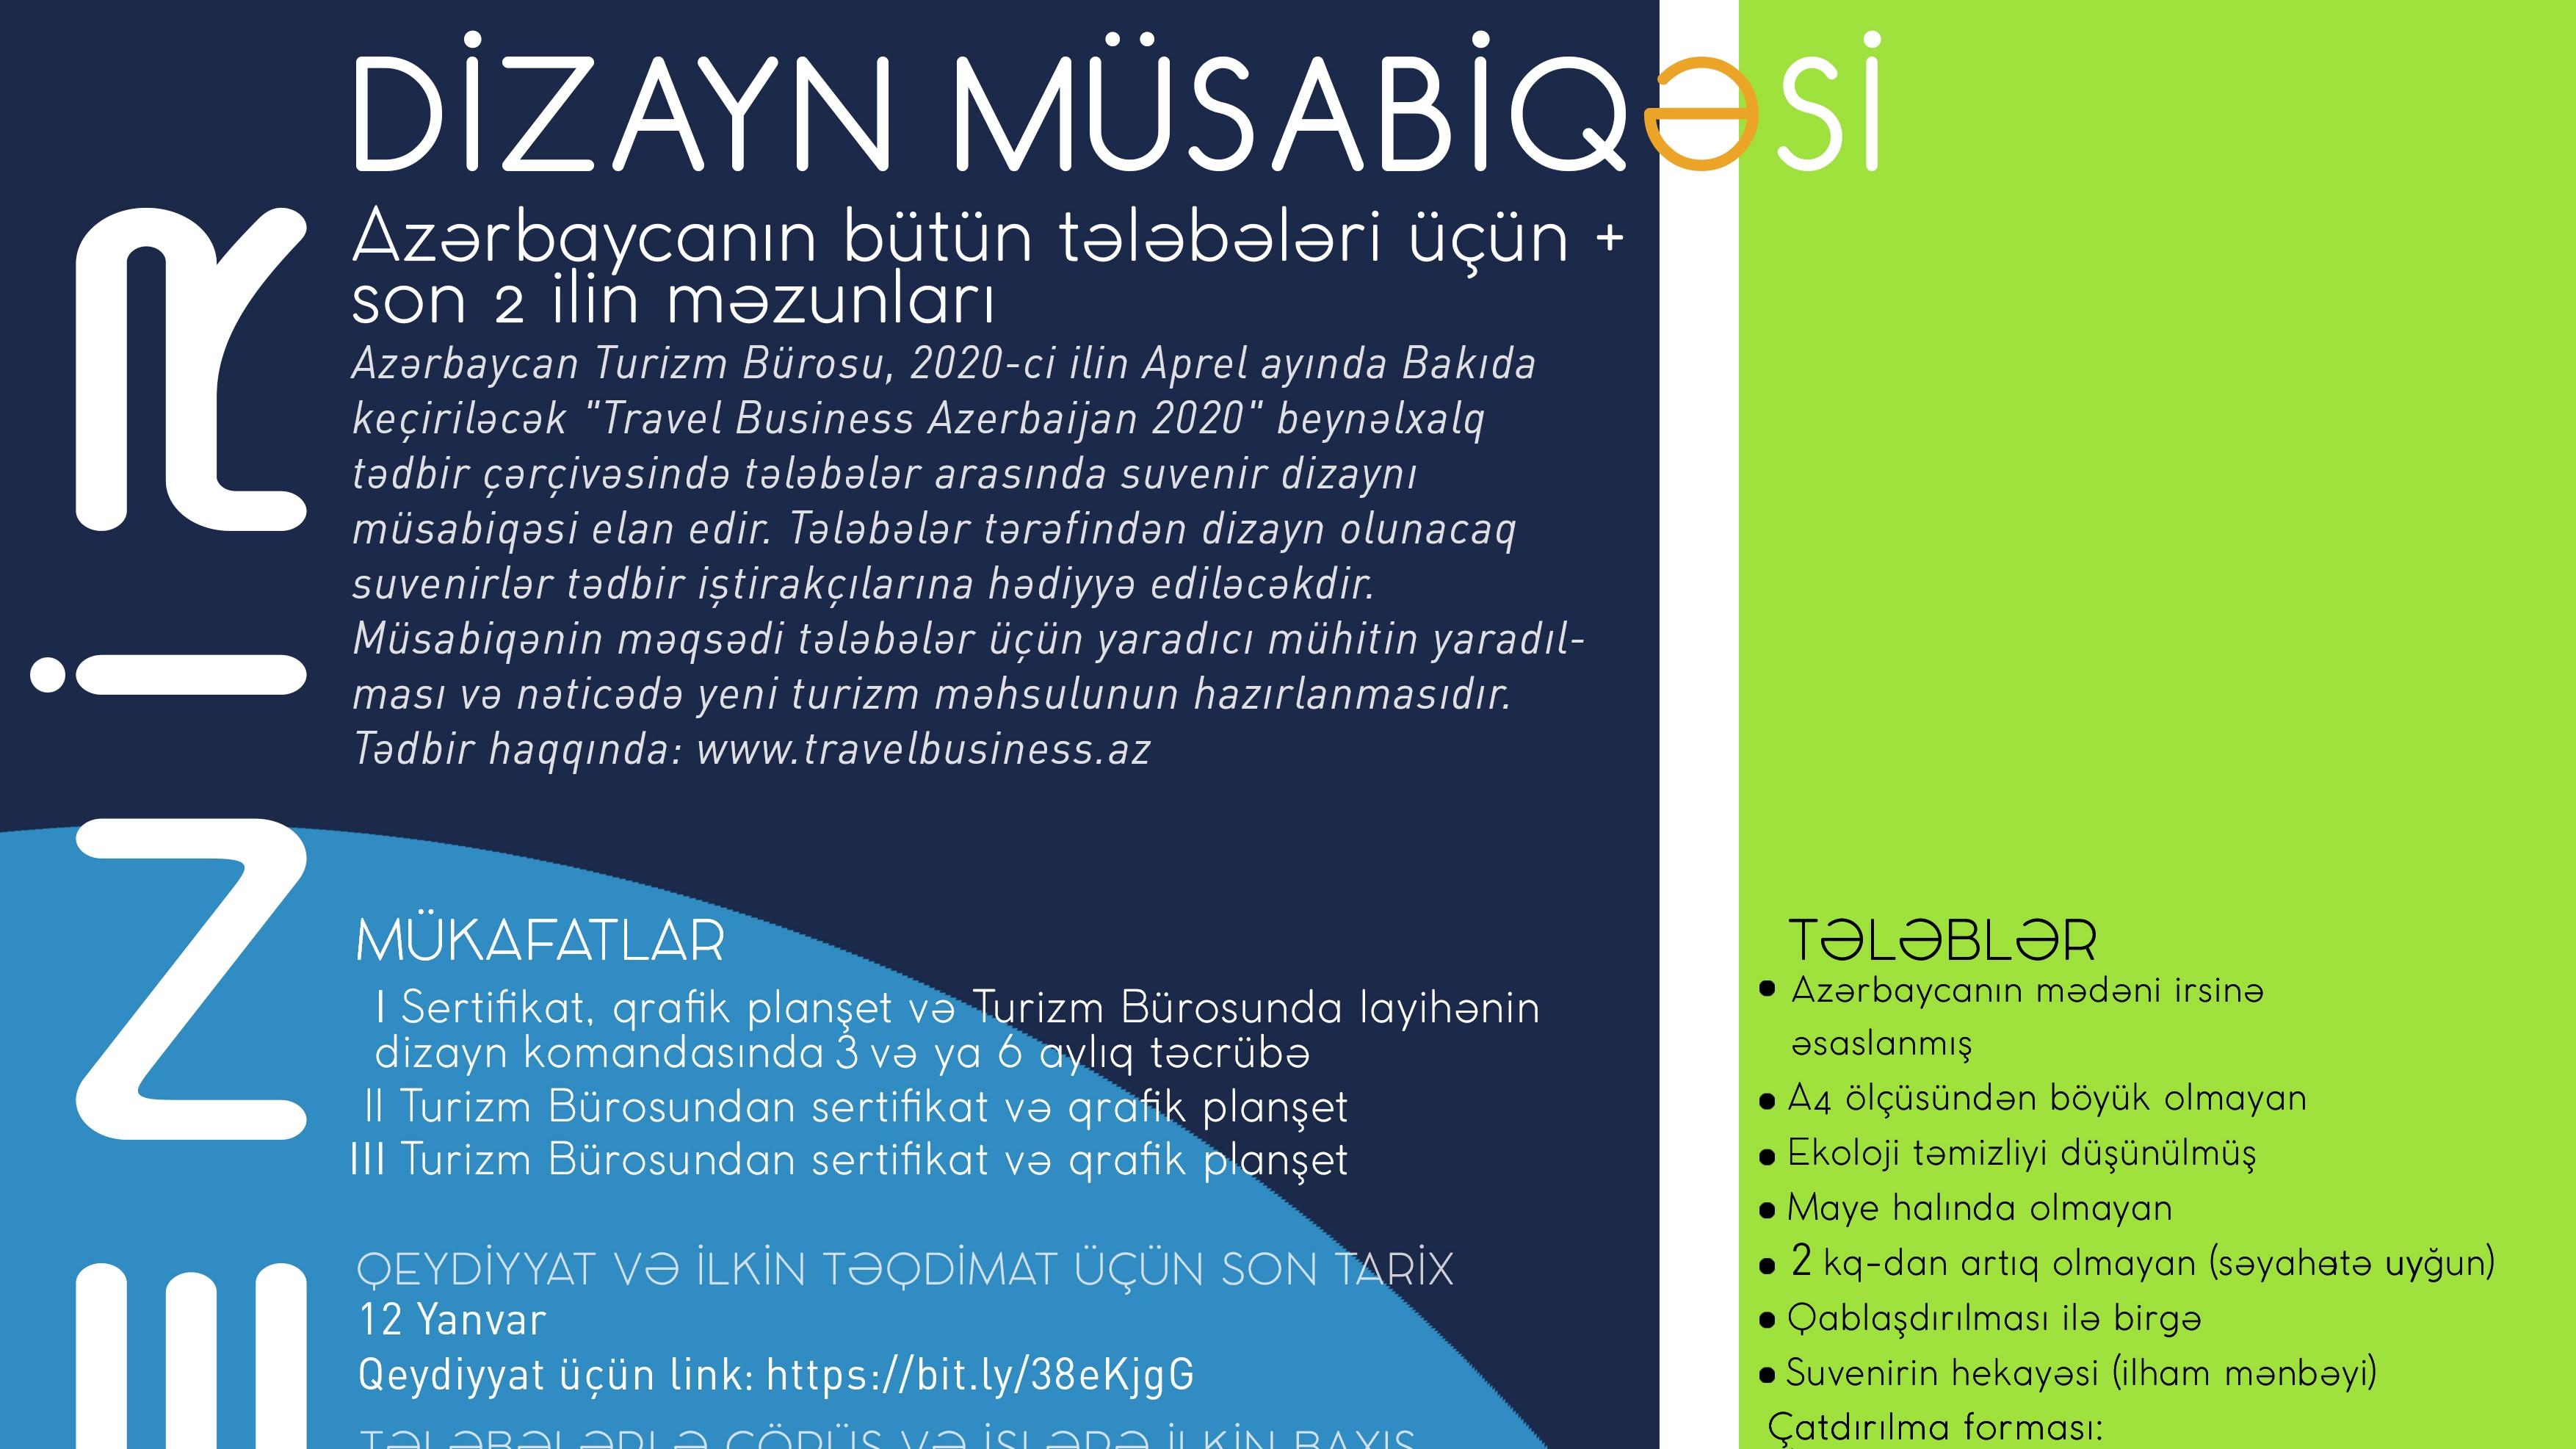 Azərbaycan Turizm Bürosu suvenir dizaynı müsabiqəsi elan edir}